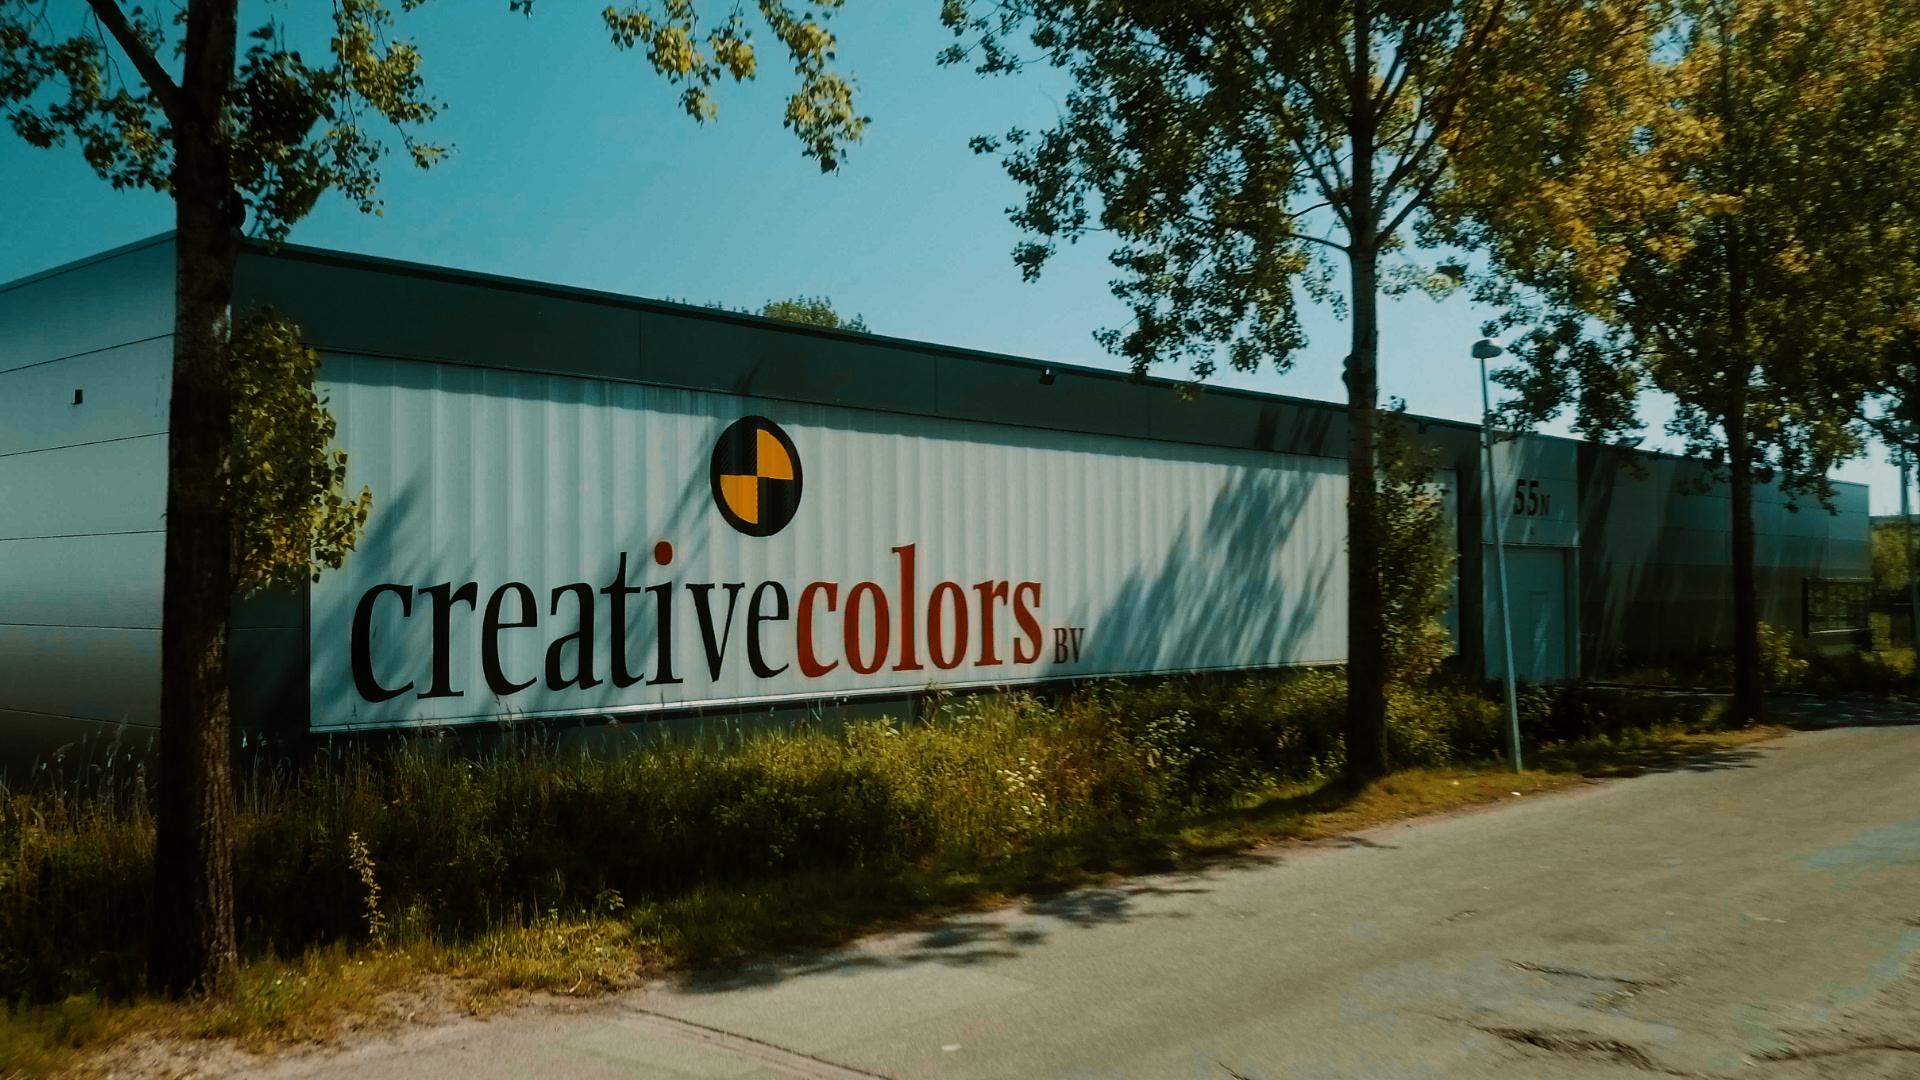 Uw Digiflor koopt u bij CreativeColors!